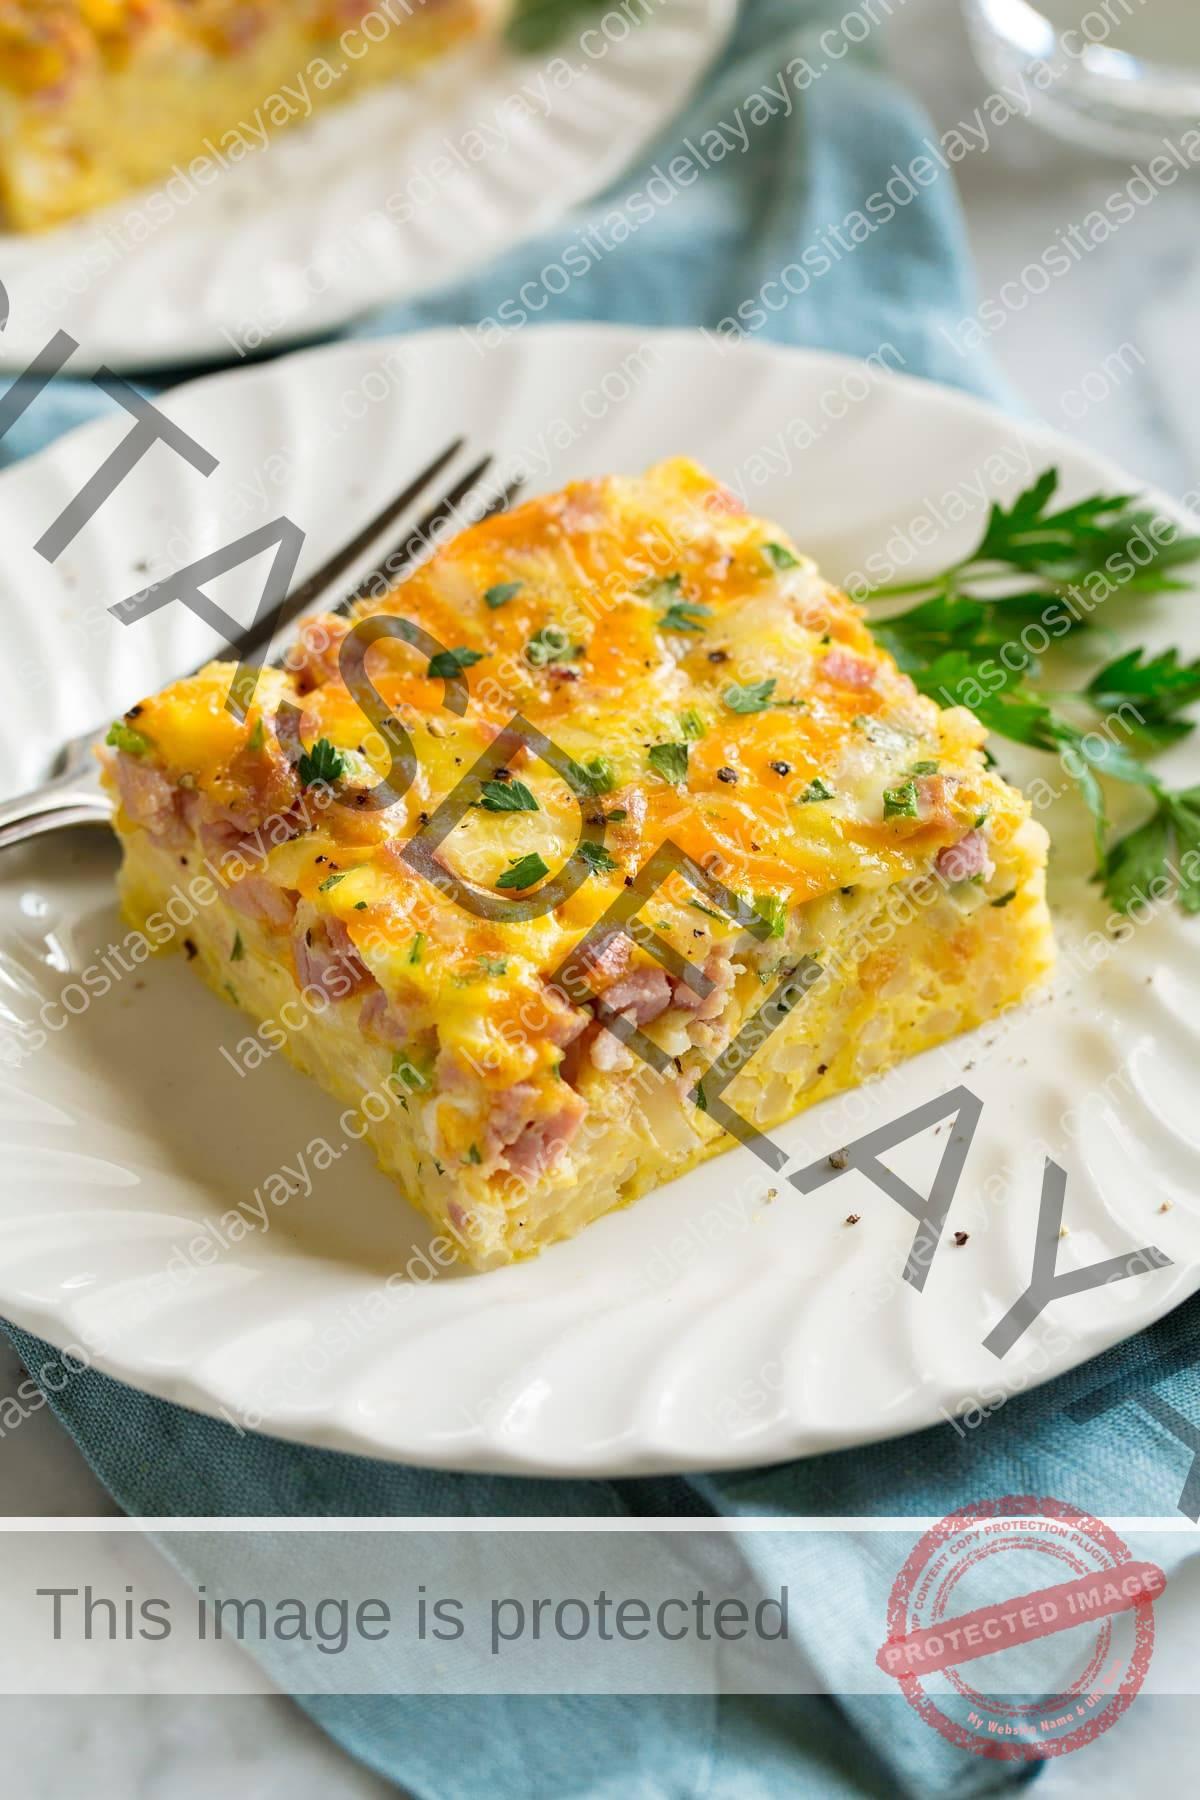 Rebanada de cazuela de desayuno llena de huevos, patatas fritas, jamón y queso en un plato blanco.